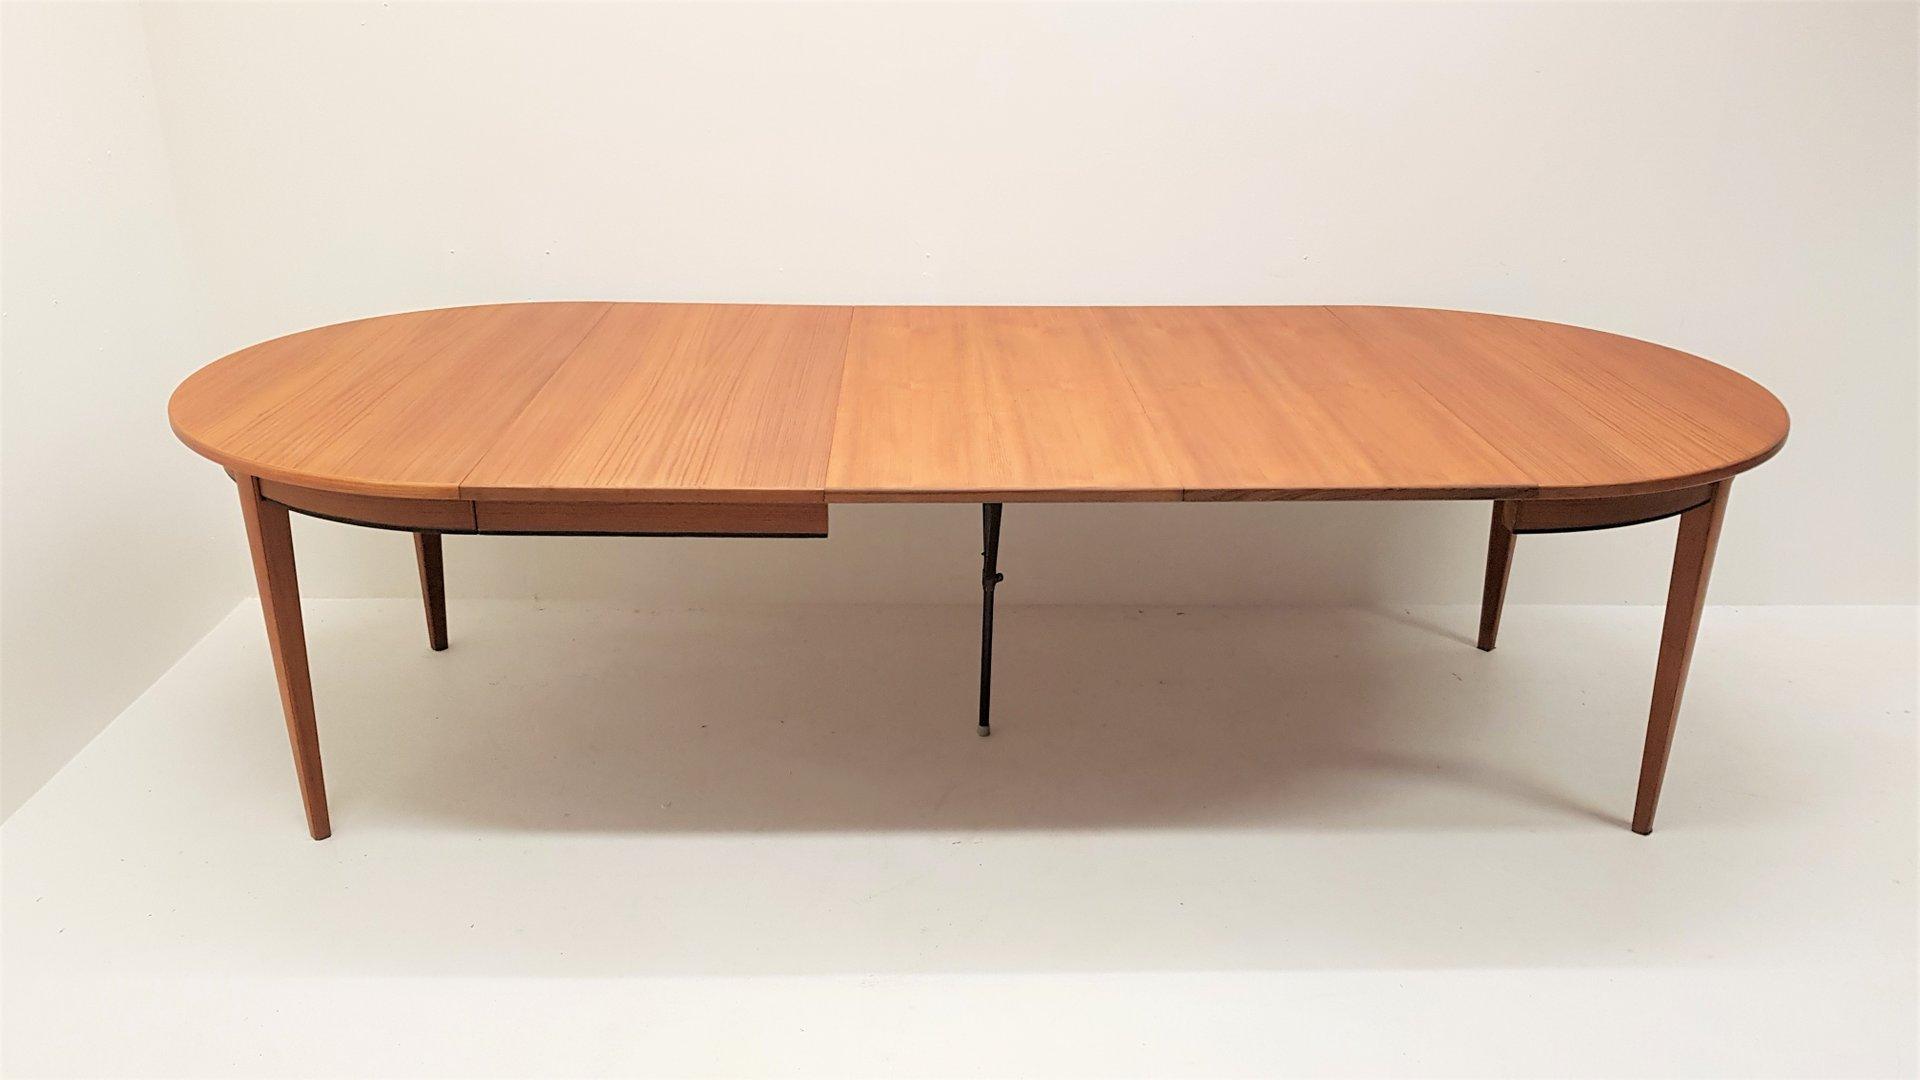 Danish Model 55 Teak Dining Table from Omann Jun for sale  : danish model 55 teak dining table from omann jun 1 from www.pamono.com size 1920 x 1080 jpeg 65kB